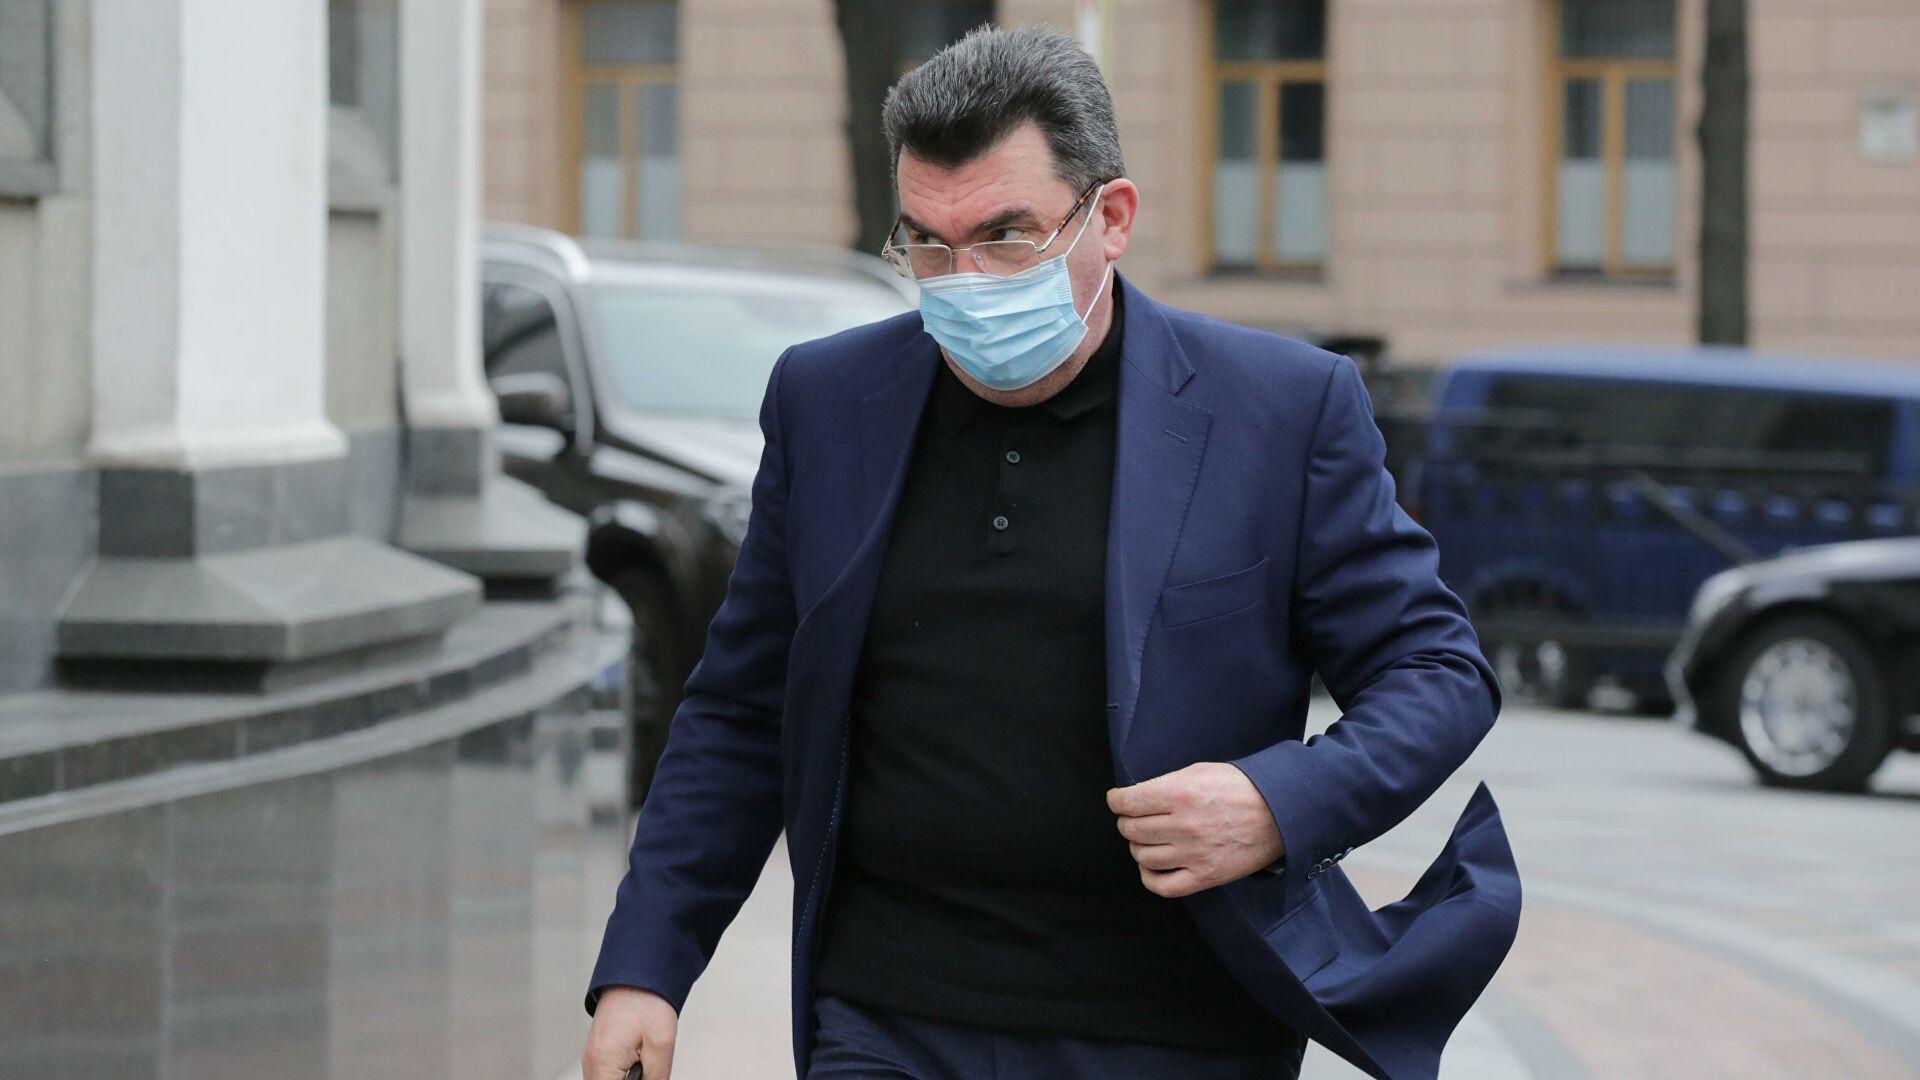 """""""Moramo se osloboditi ćirilice i preći na latinicu"""" - Sekretar Saveta za nacionalnu bezbednost i odbranu Ukrajine"""